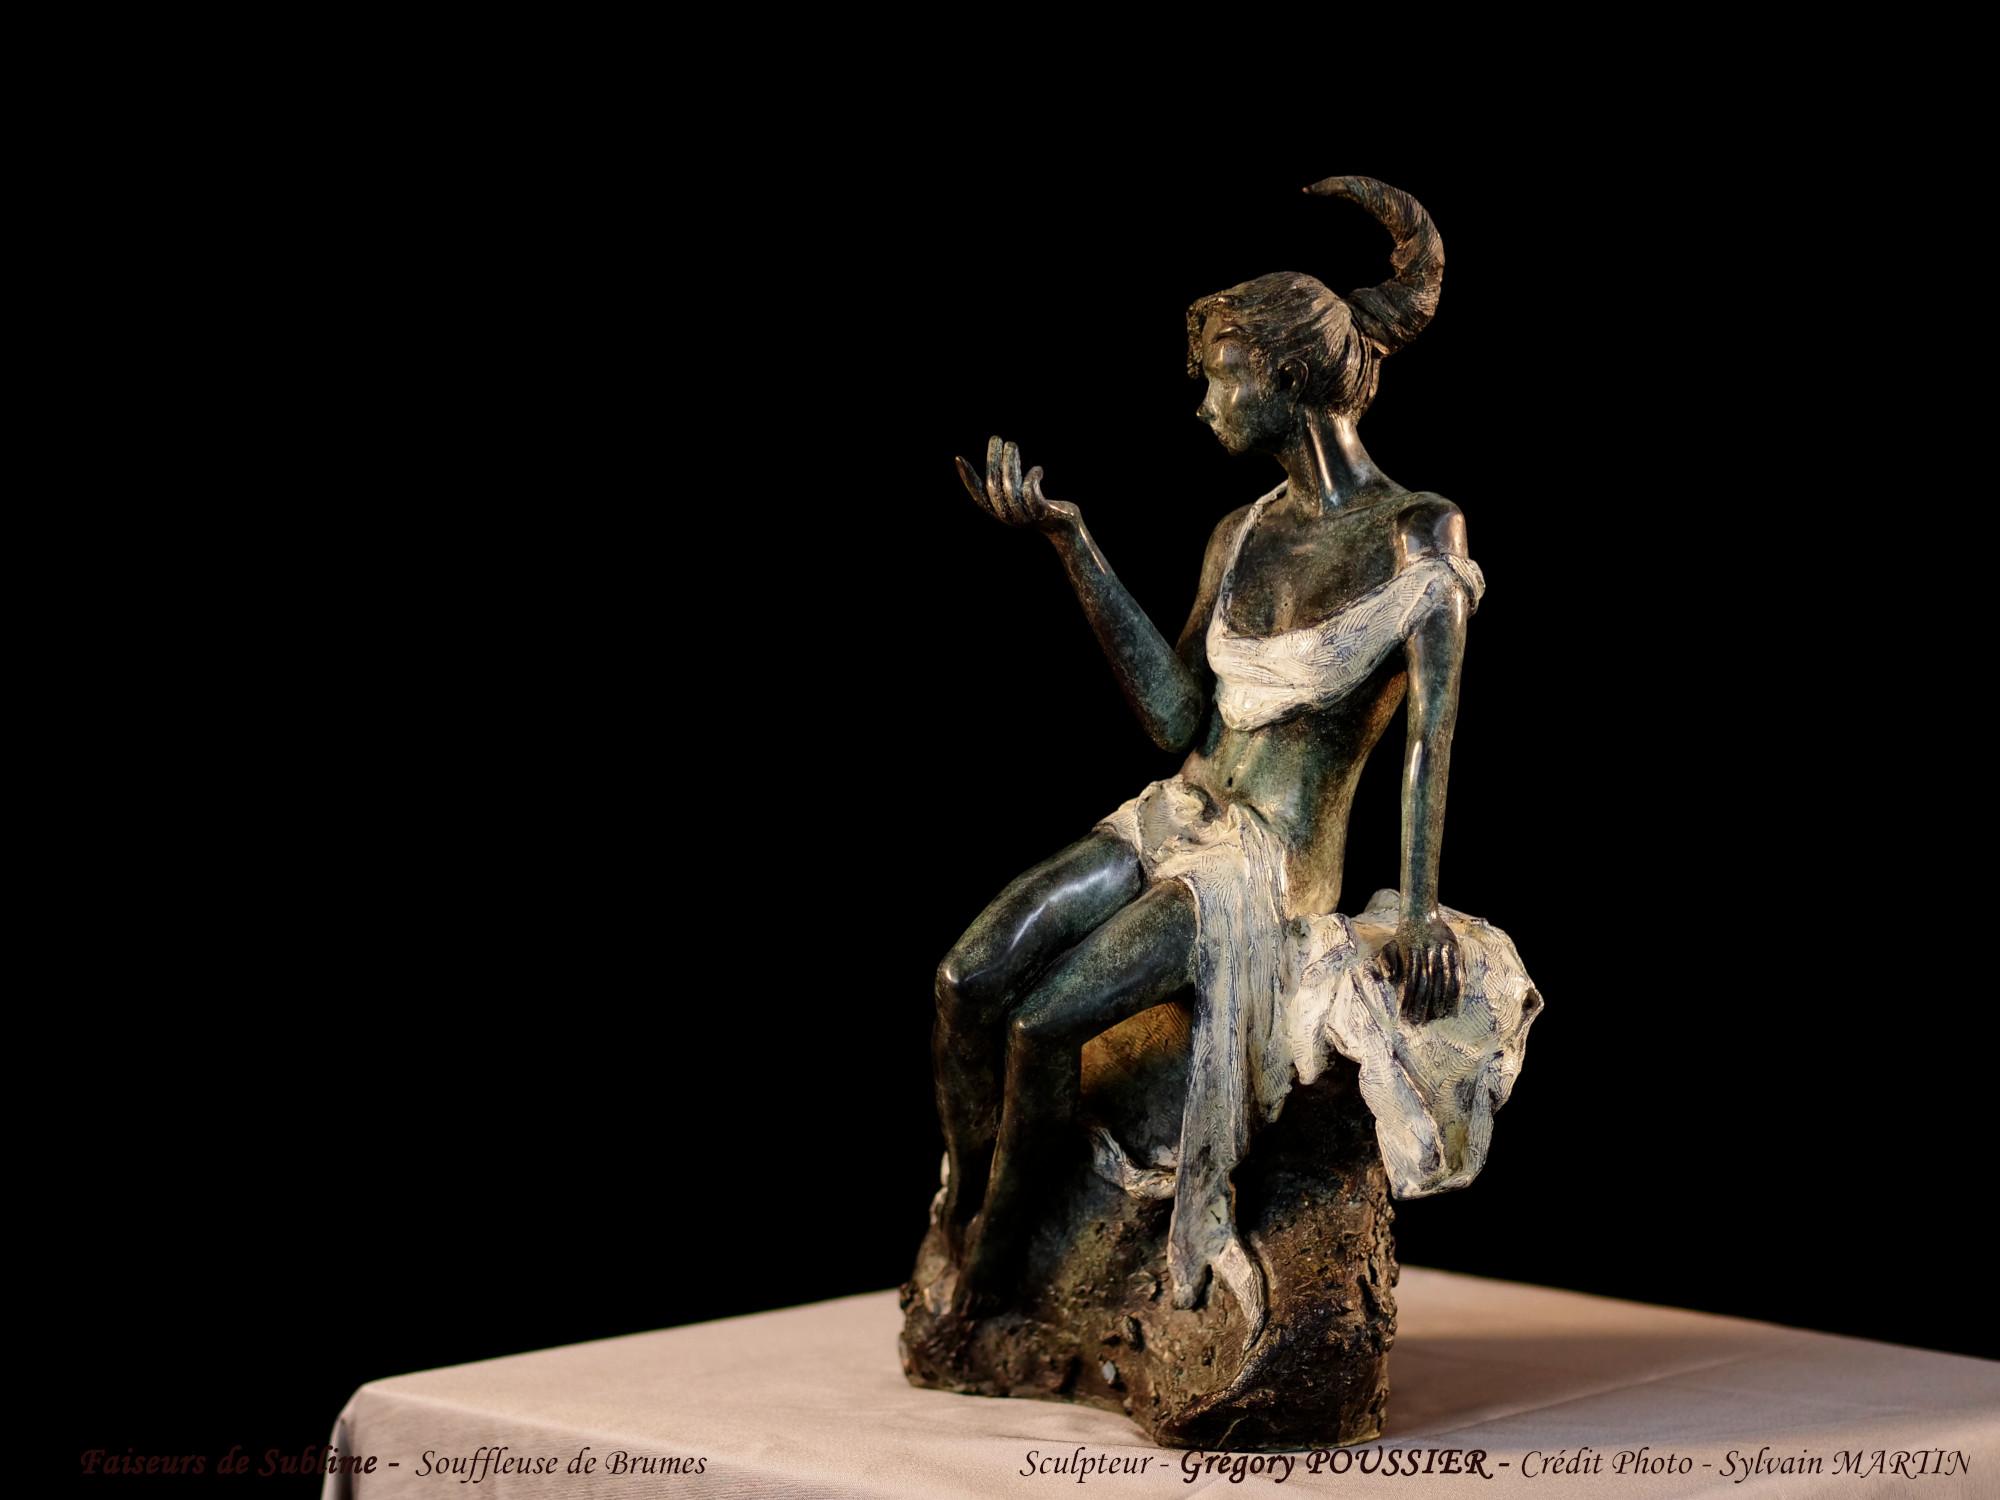 Faiseurs de Sublime - Souffleuse de brume - bronze